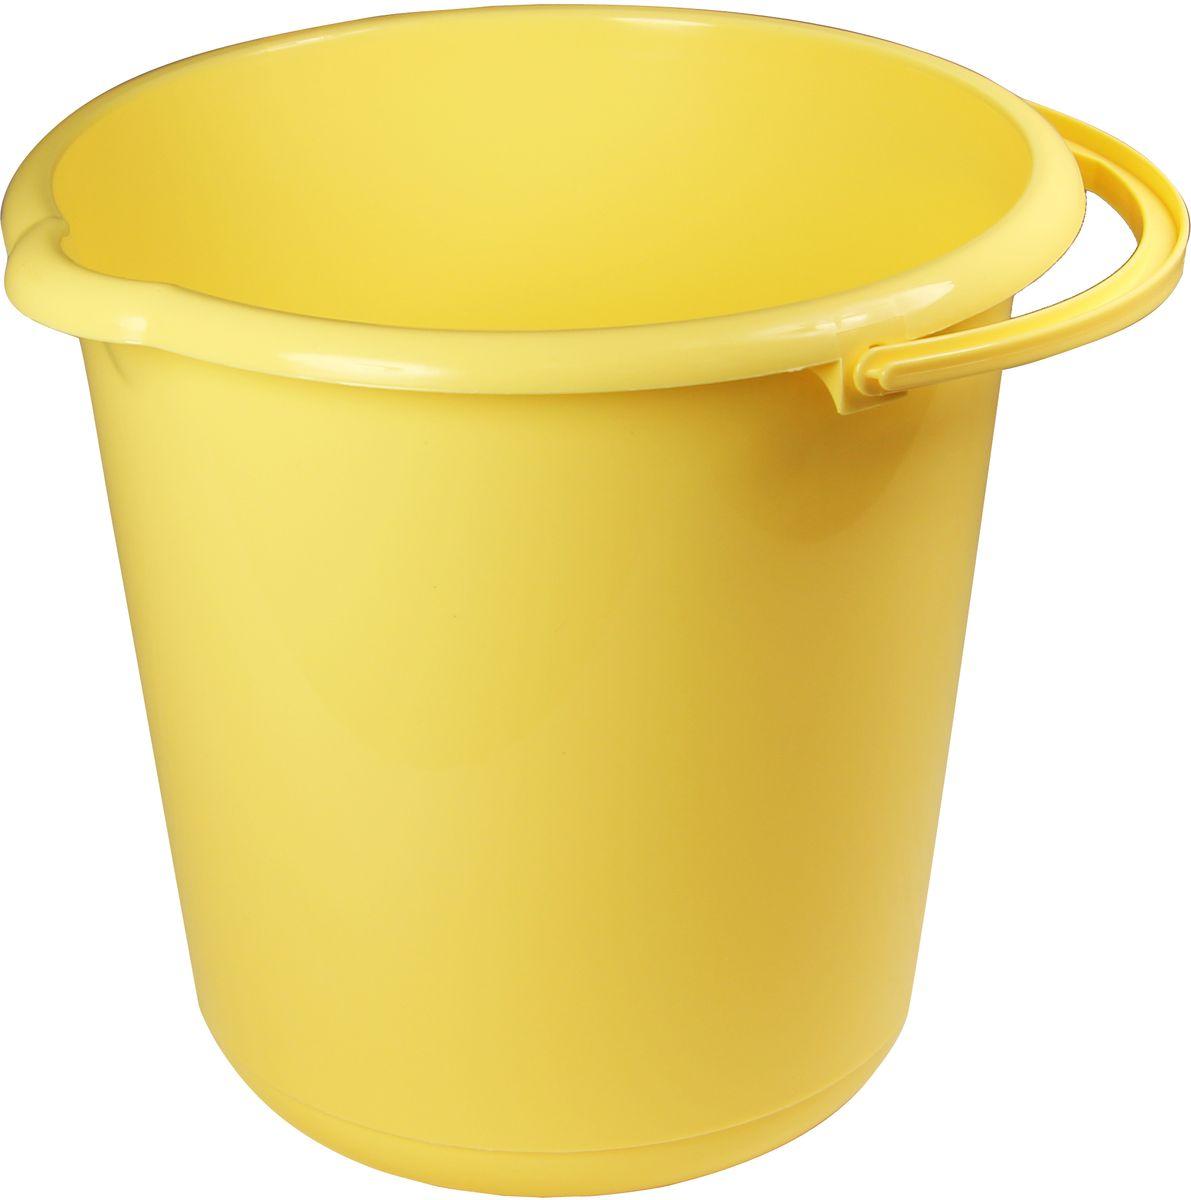 Ведро Idea, цвет: банановый, 5 л ведро idea цвет марморный 10 л